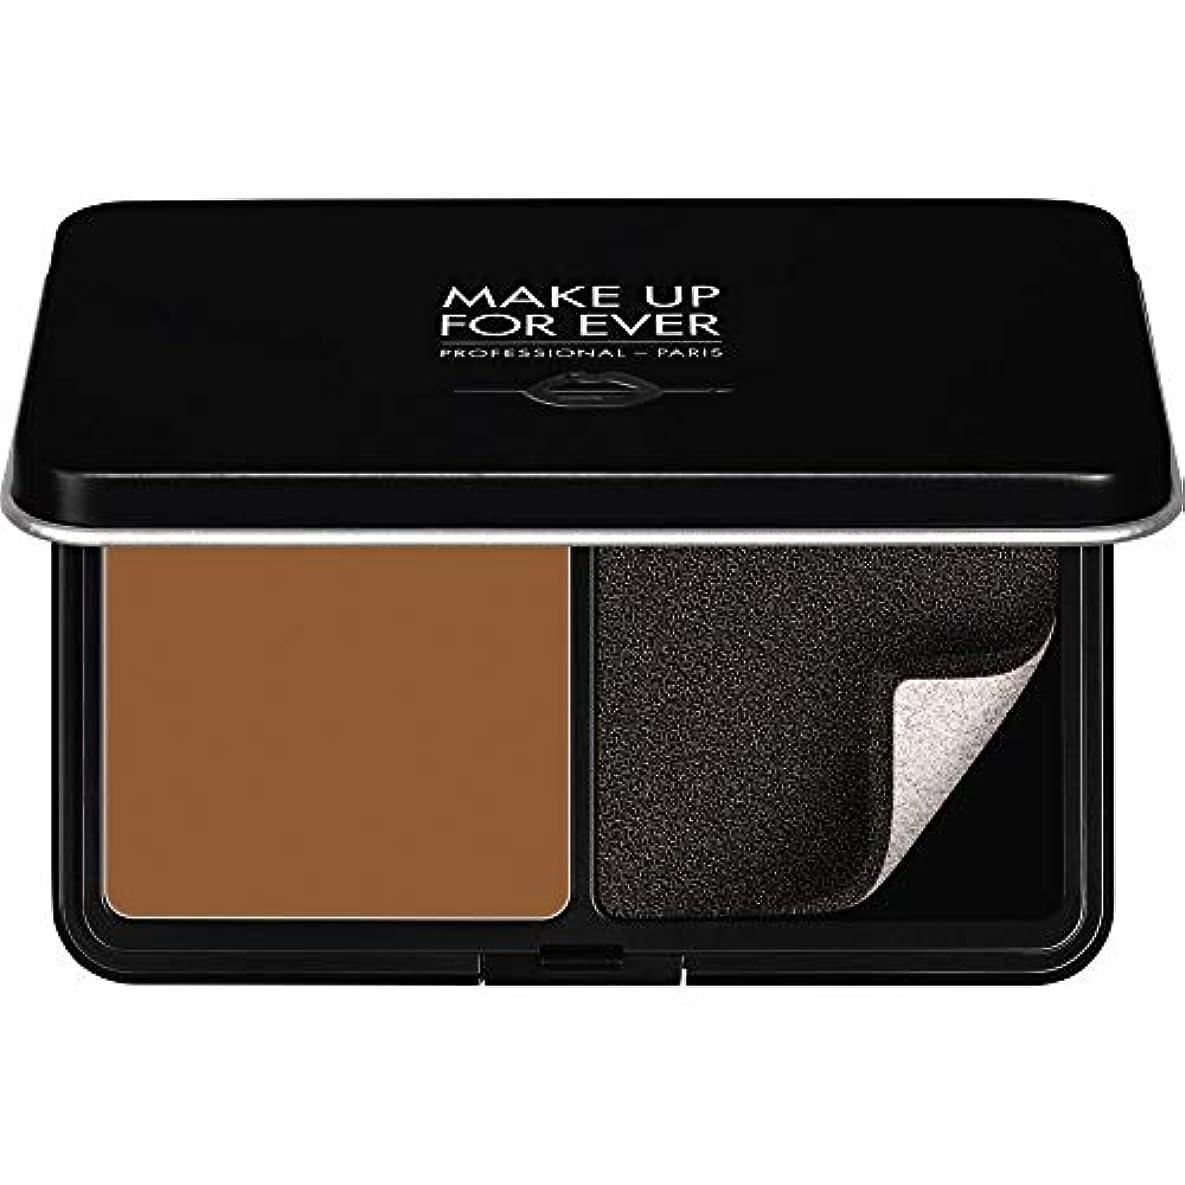 しゃがむ流星急降下[MAKE UP FOR EVER] パウダーファンデーション11GののR520をぼかし、これまでマットベルベットの肌を補う - シナモン - MAKE UP FOR EVER Matte Velvet Skin Blurring...